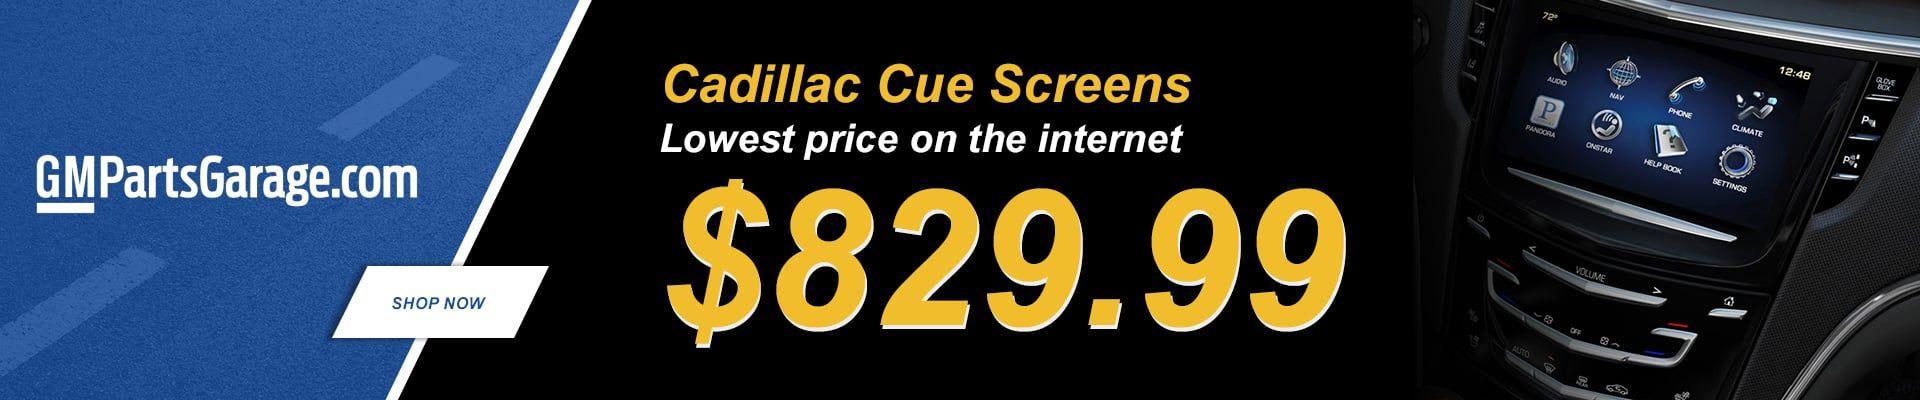 Cadillac Cue Screens